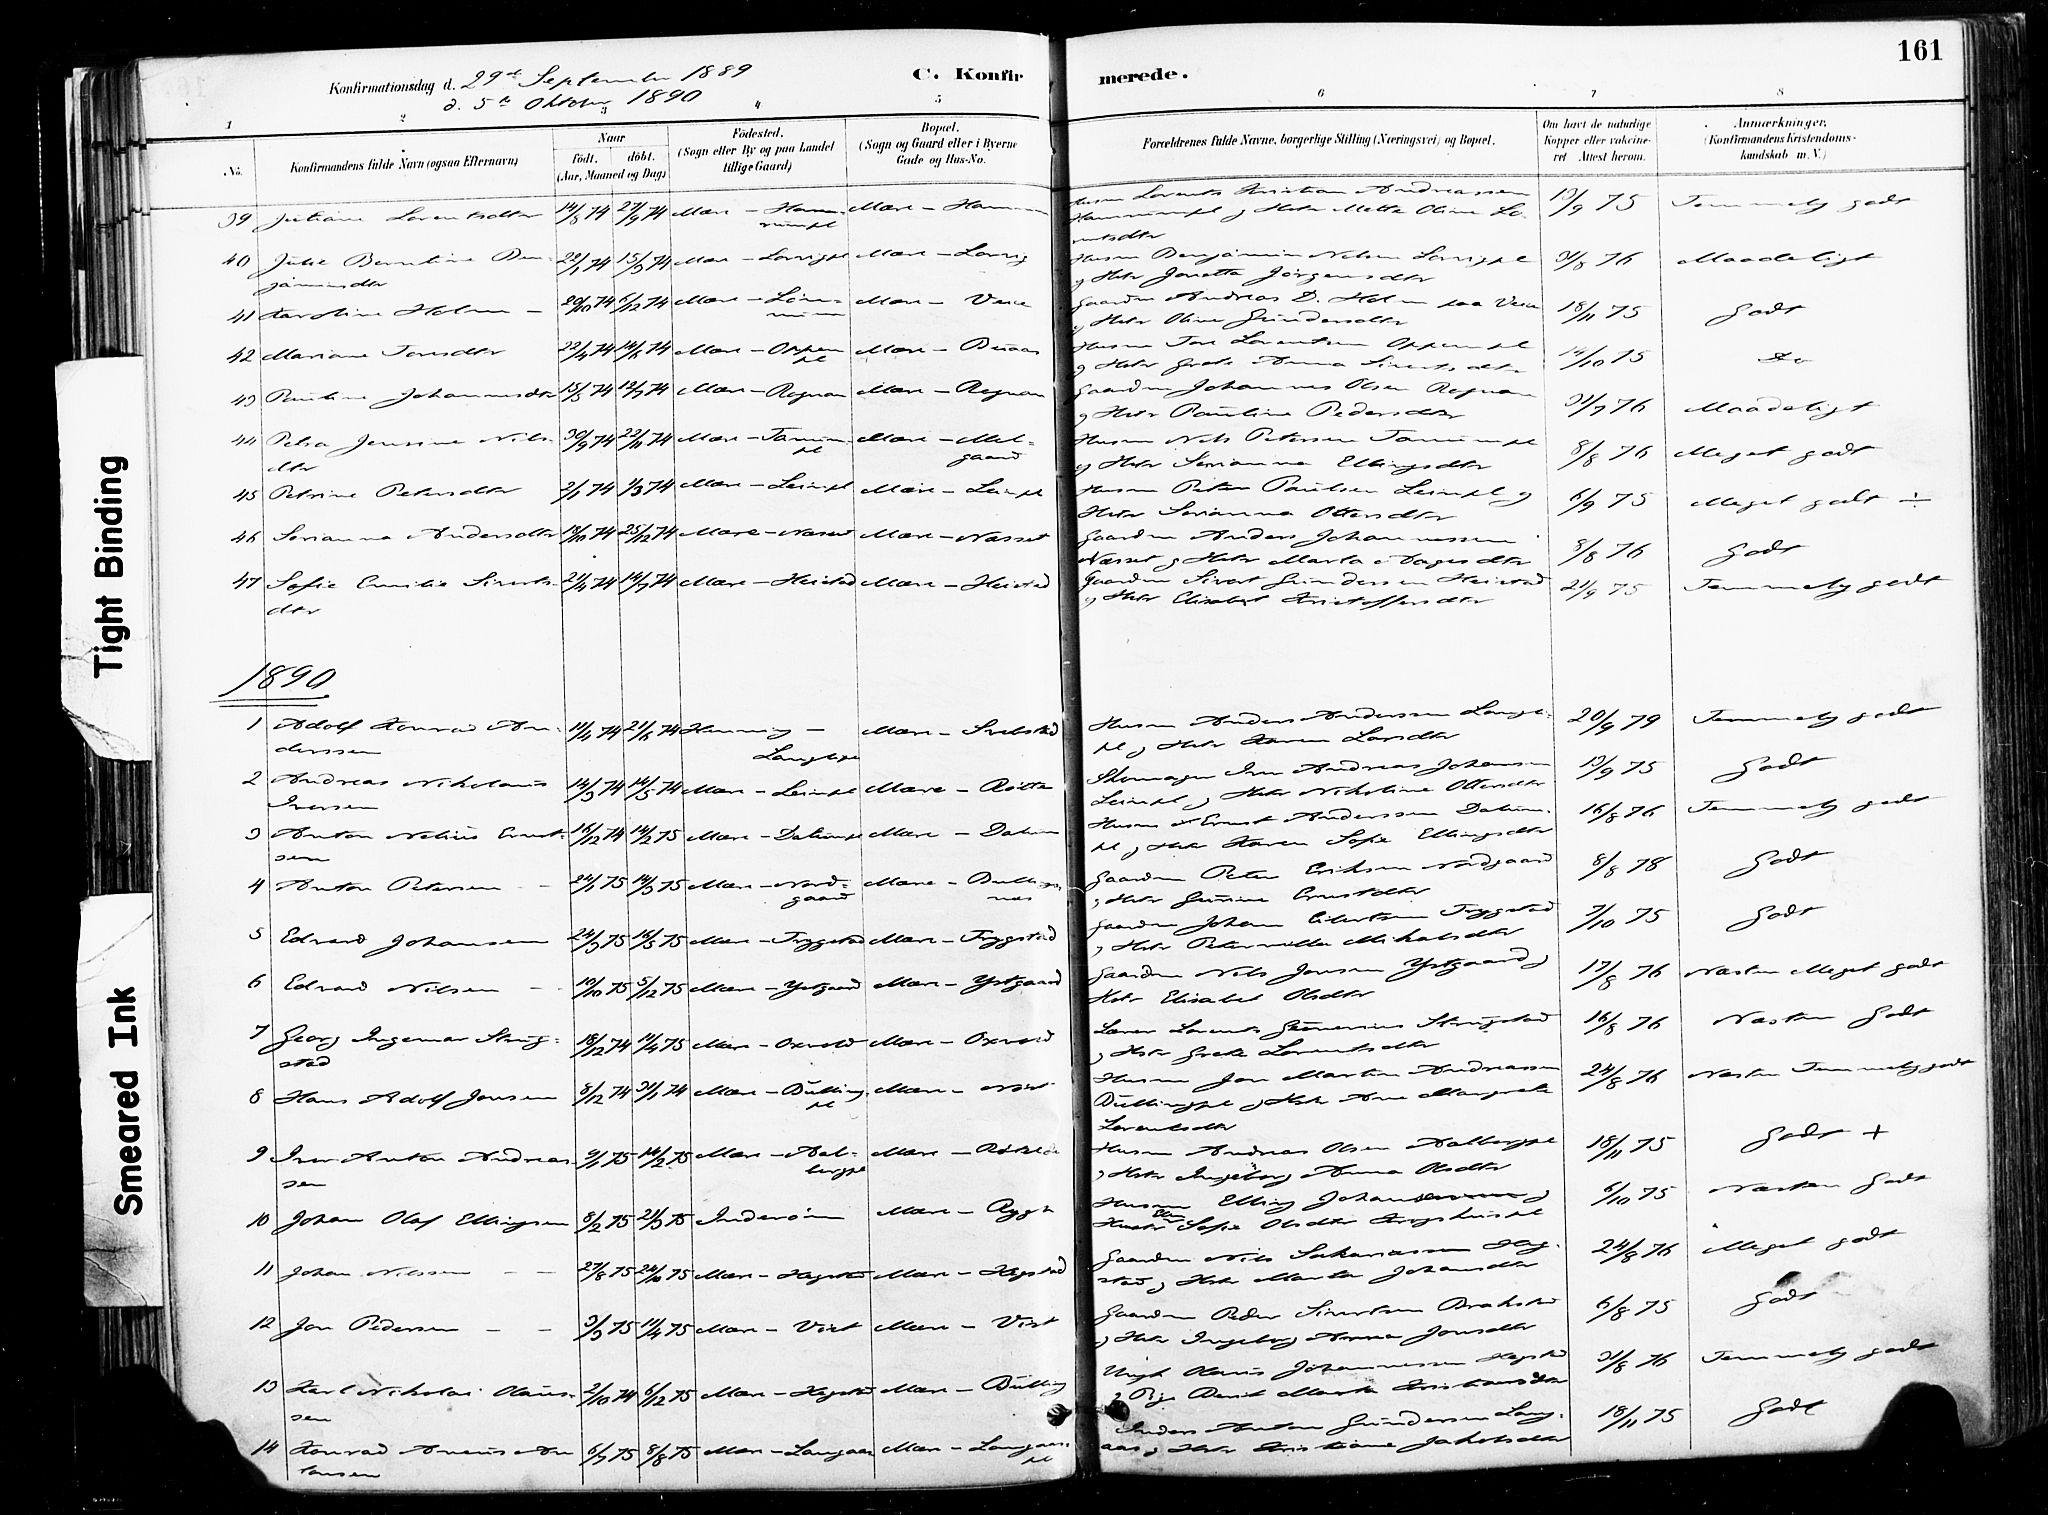 SAT, Ministerialprotokoller, klokkerbøker og fødselsregistre - Nord-Trøndelag, 735/L0351: Ministerialbok nr. 735A10, 1884-1908, s. 161